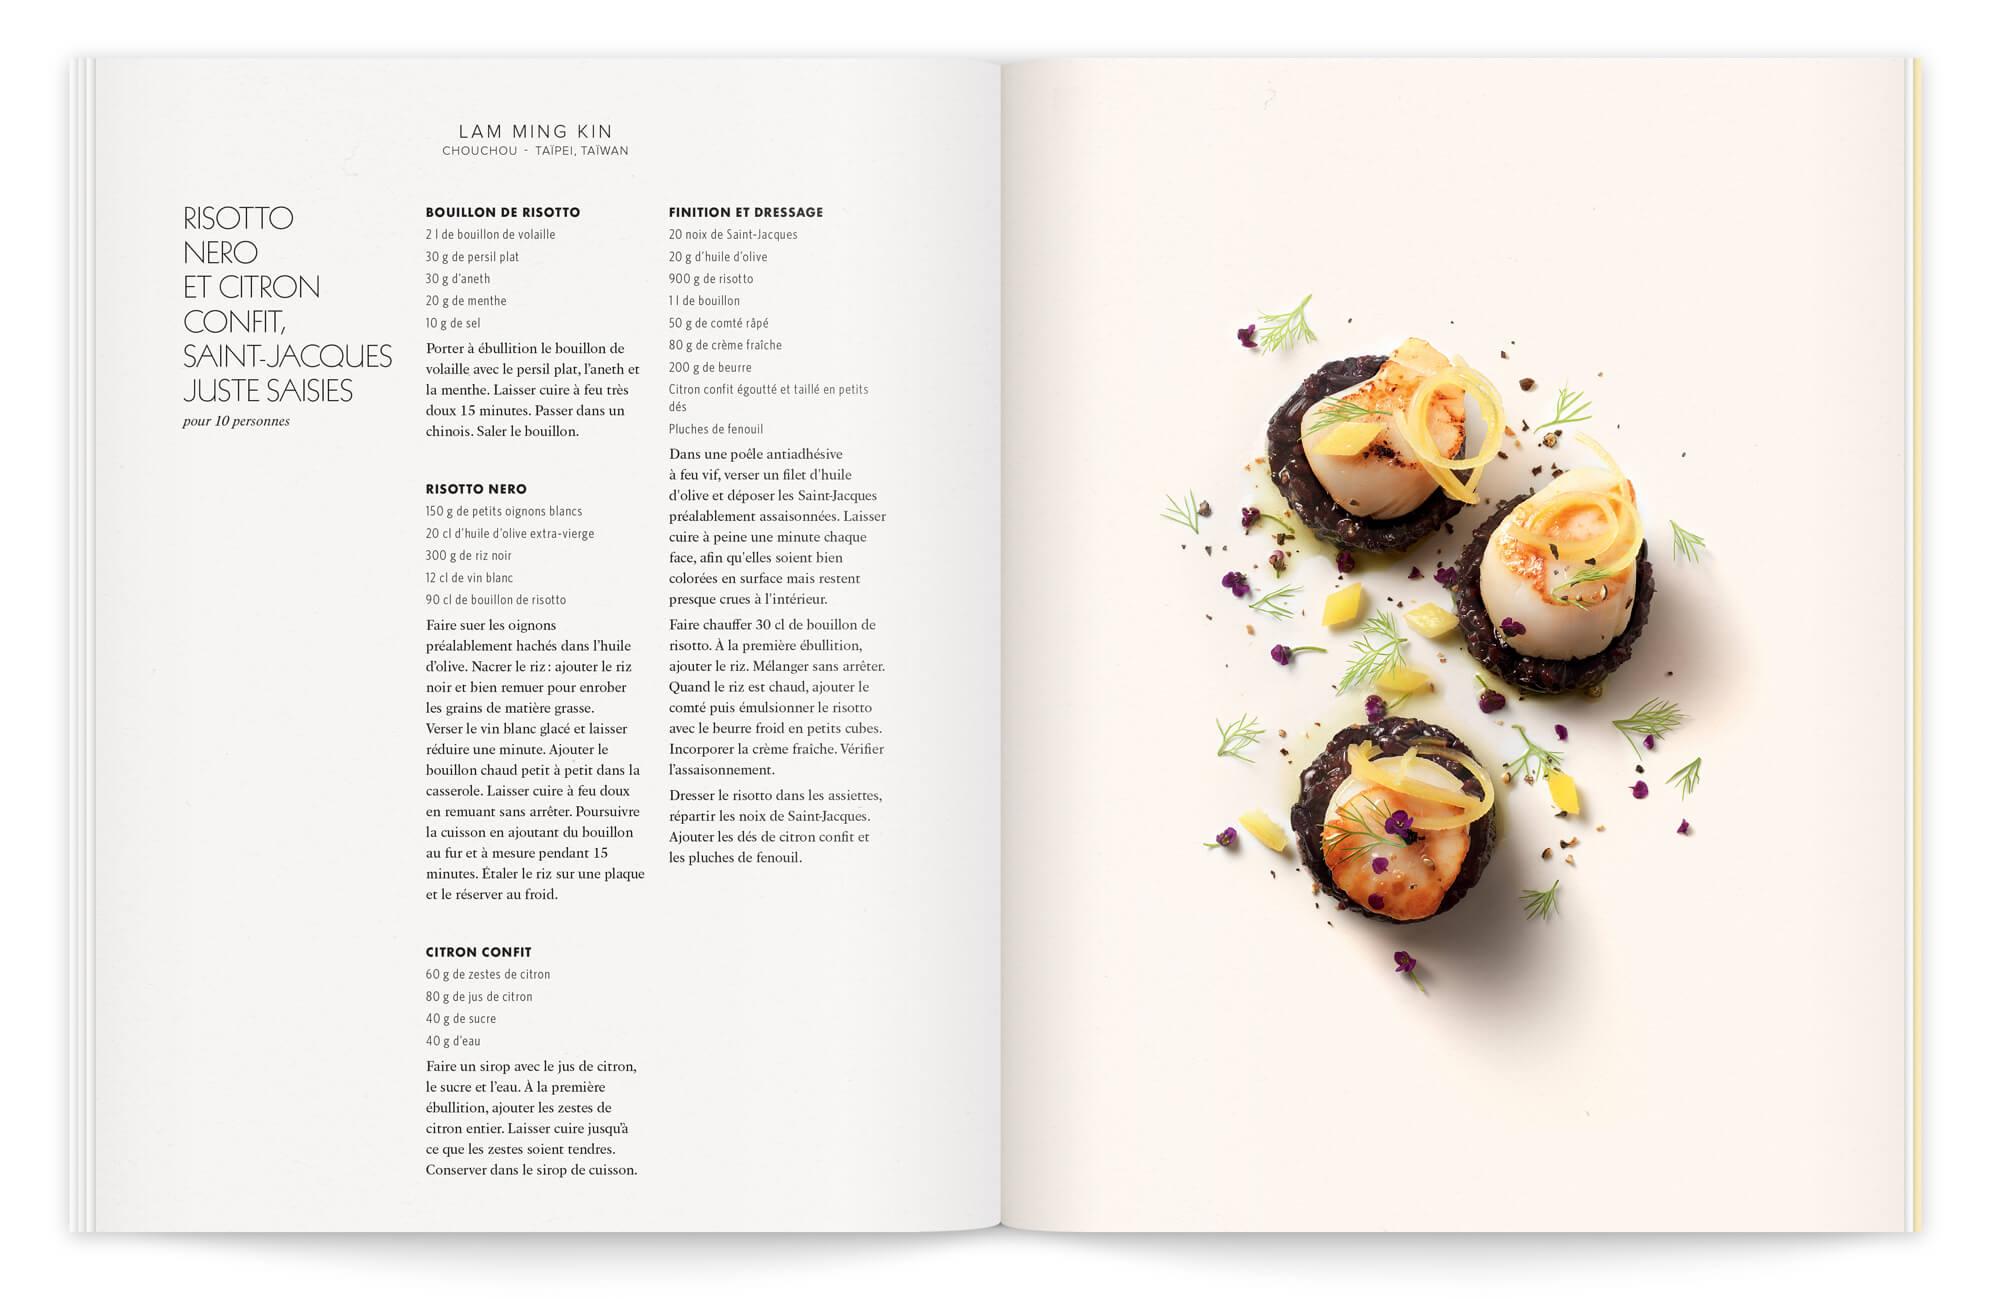 photographie culinaire par peter lippmann et stylisme de garlone bardel sous la direction artistique de IchetKar